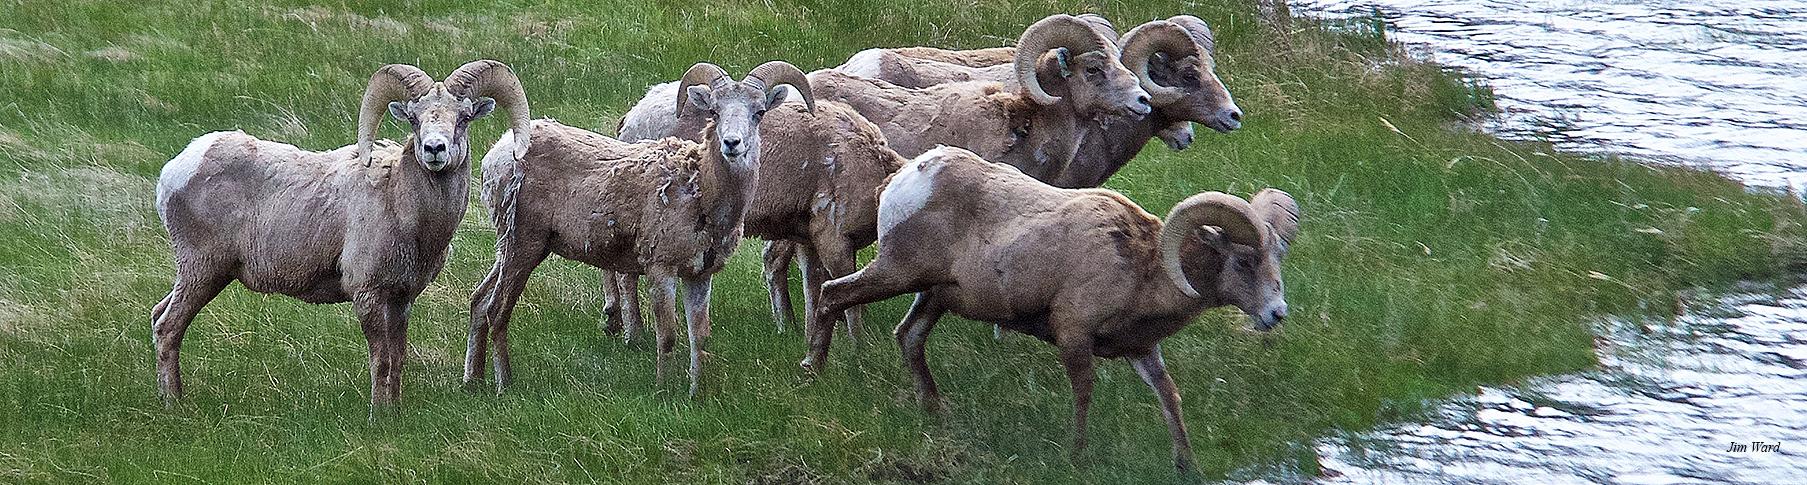 Sheep herd JWard